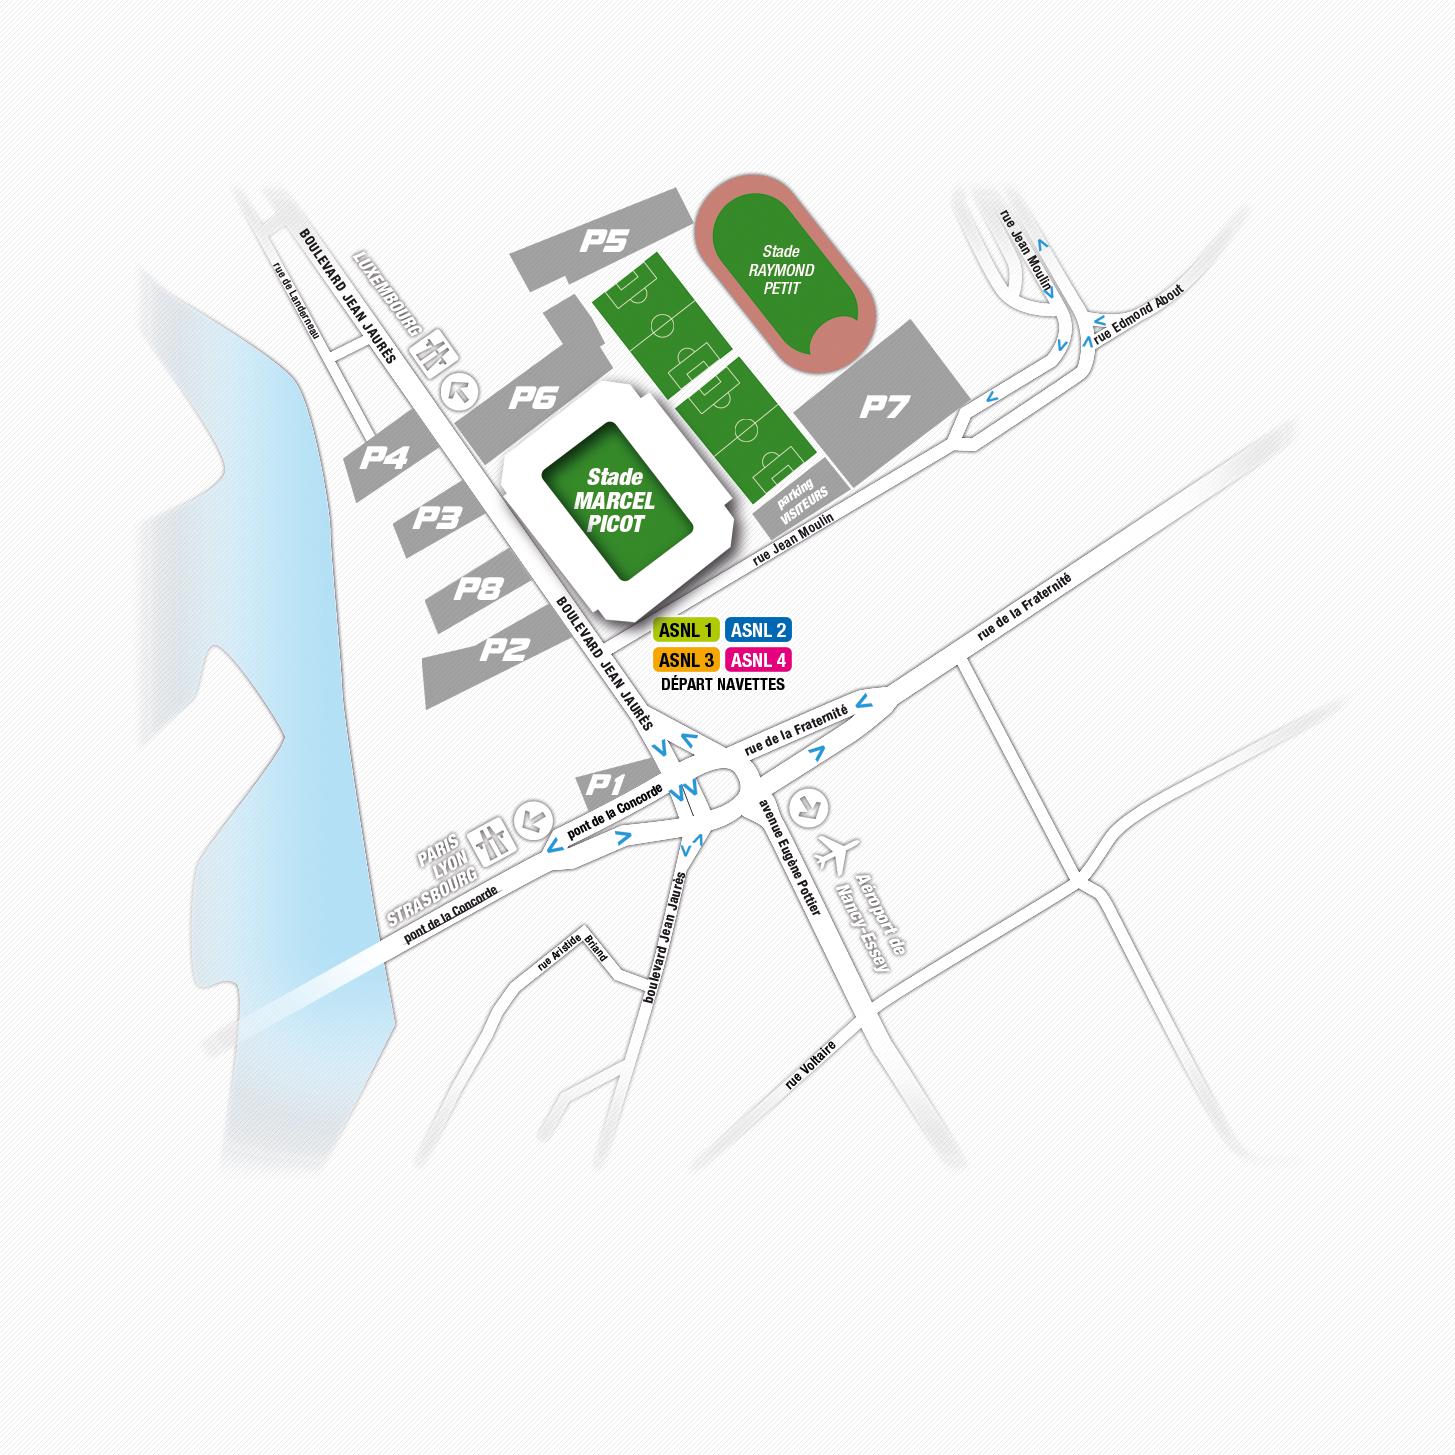 Plan d'accès et des parkings de Picot